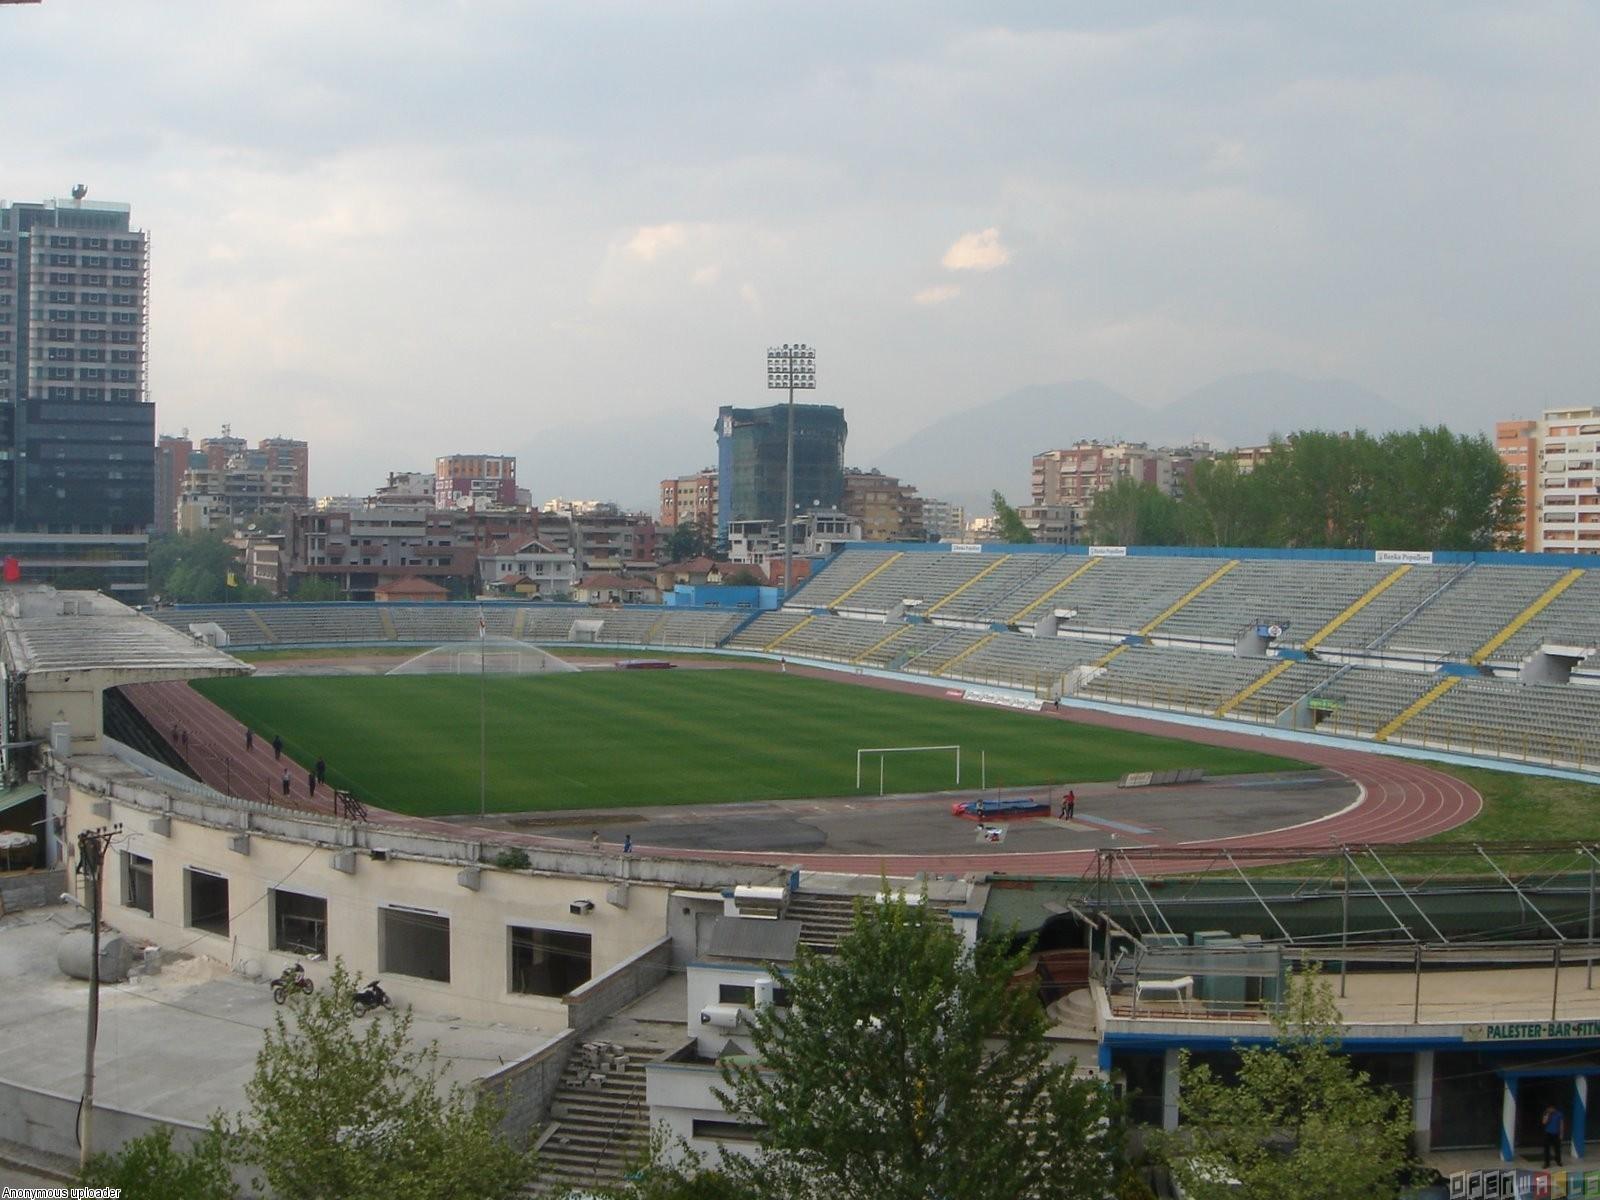 Si u privatizua de facto Stadiumi Qemal Stafa – Exit Shpjegon